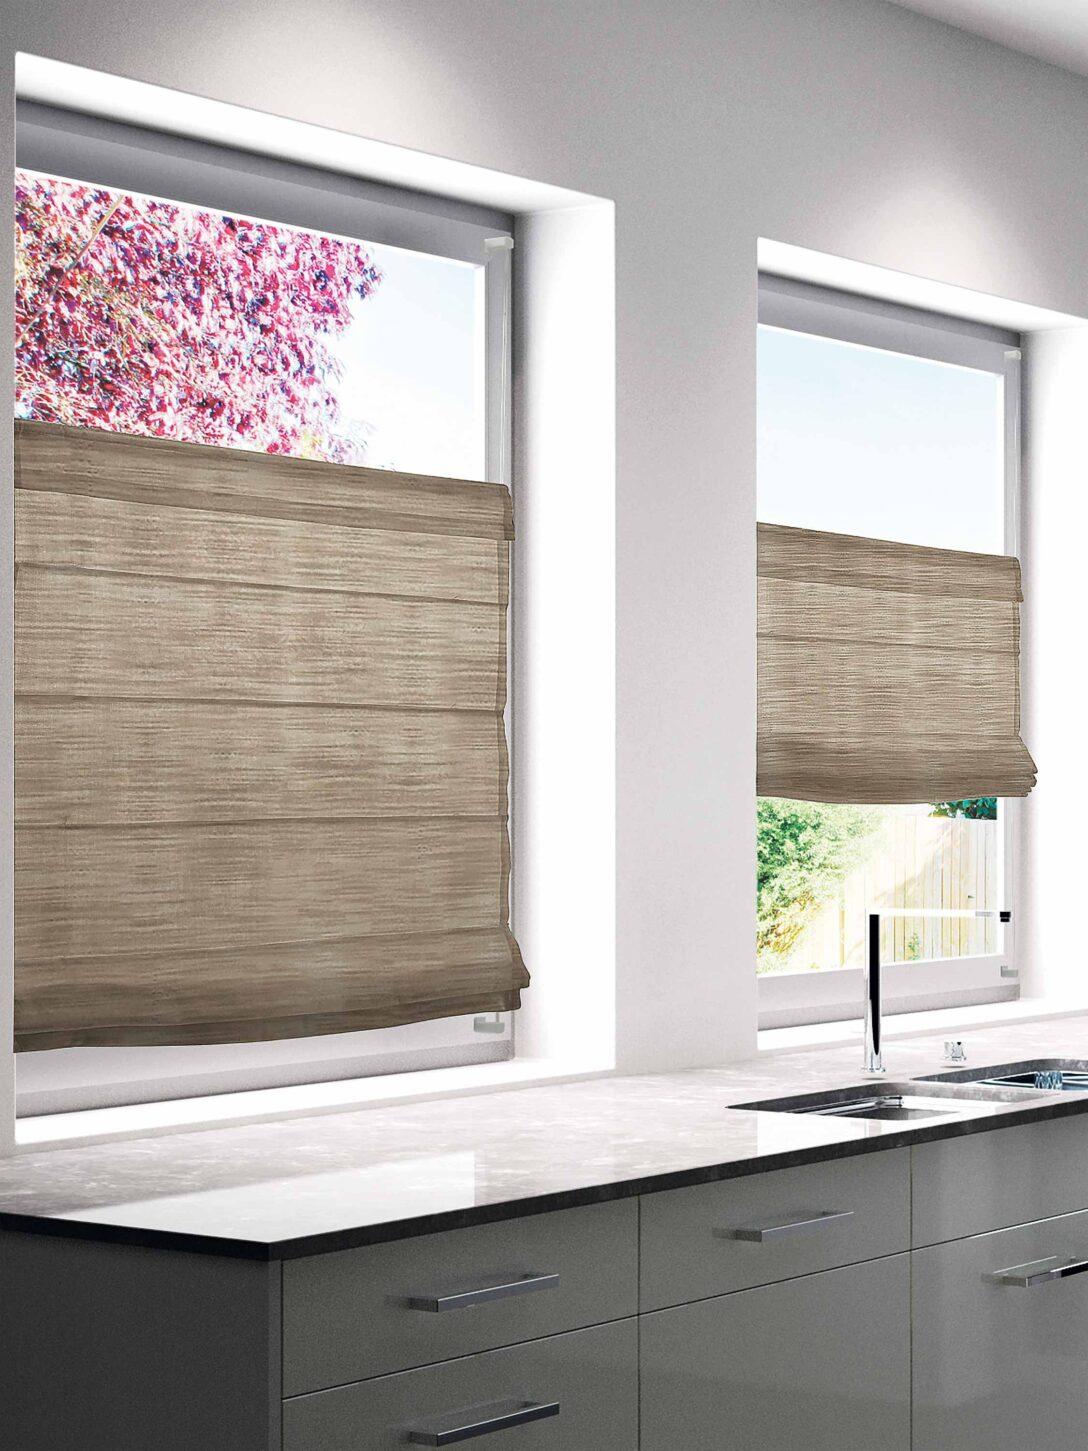 Large Size of Faltrollo Beige 60x130cm Bh 60x130 Cm Badezimmer Ohne Fenster Raffrollo Küche Wohnzimmer Raffrollo Küchenfenster